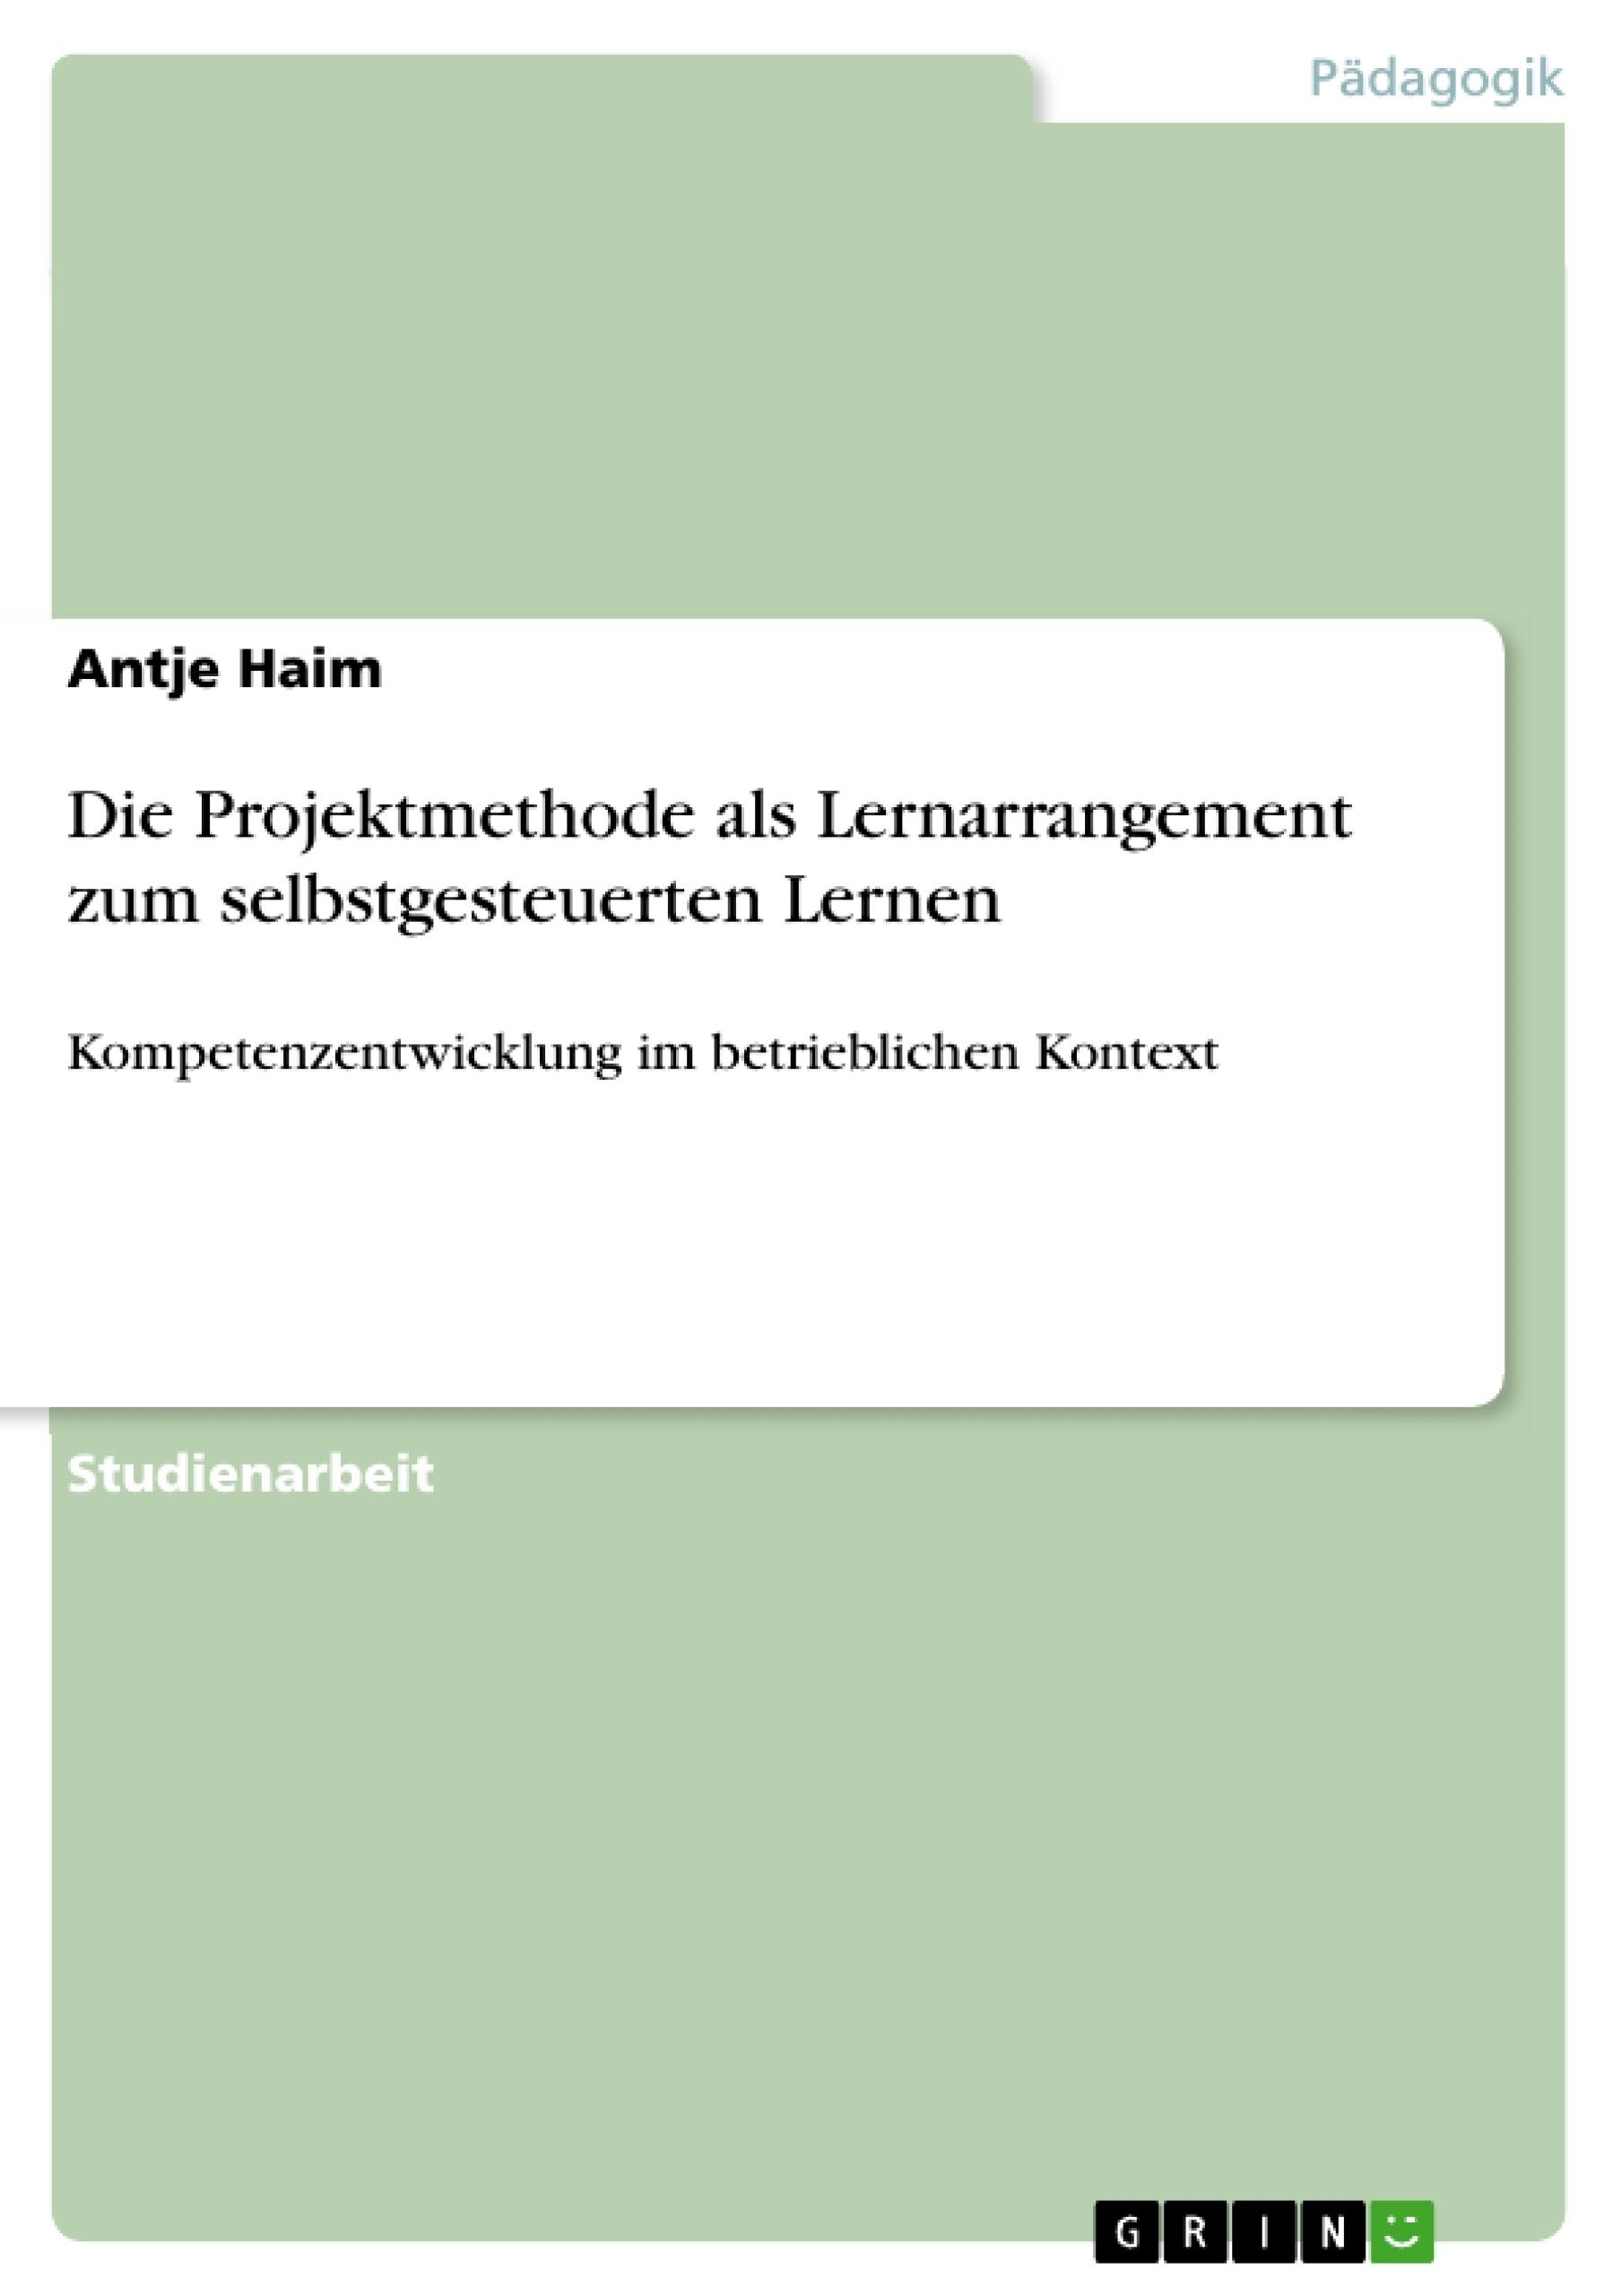 Titel: Die Projektmethode als Lernarrangement zum selbstgesteuerten Lernen